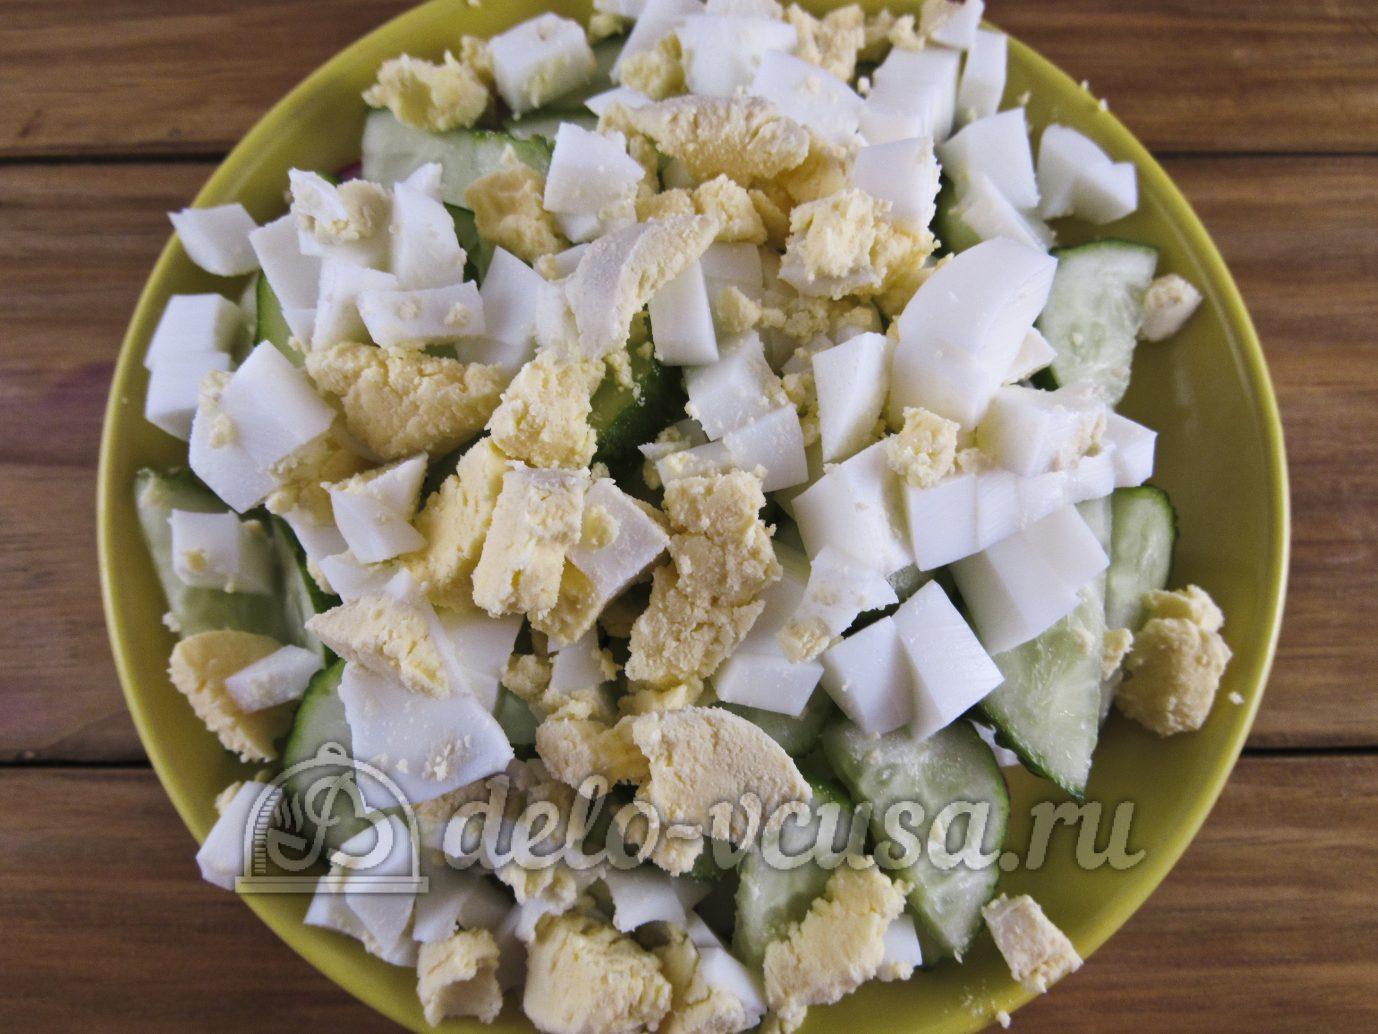 Салат из редиски с яйцом и огурцом: Кладем слой вареных яиц